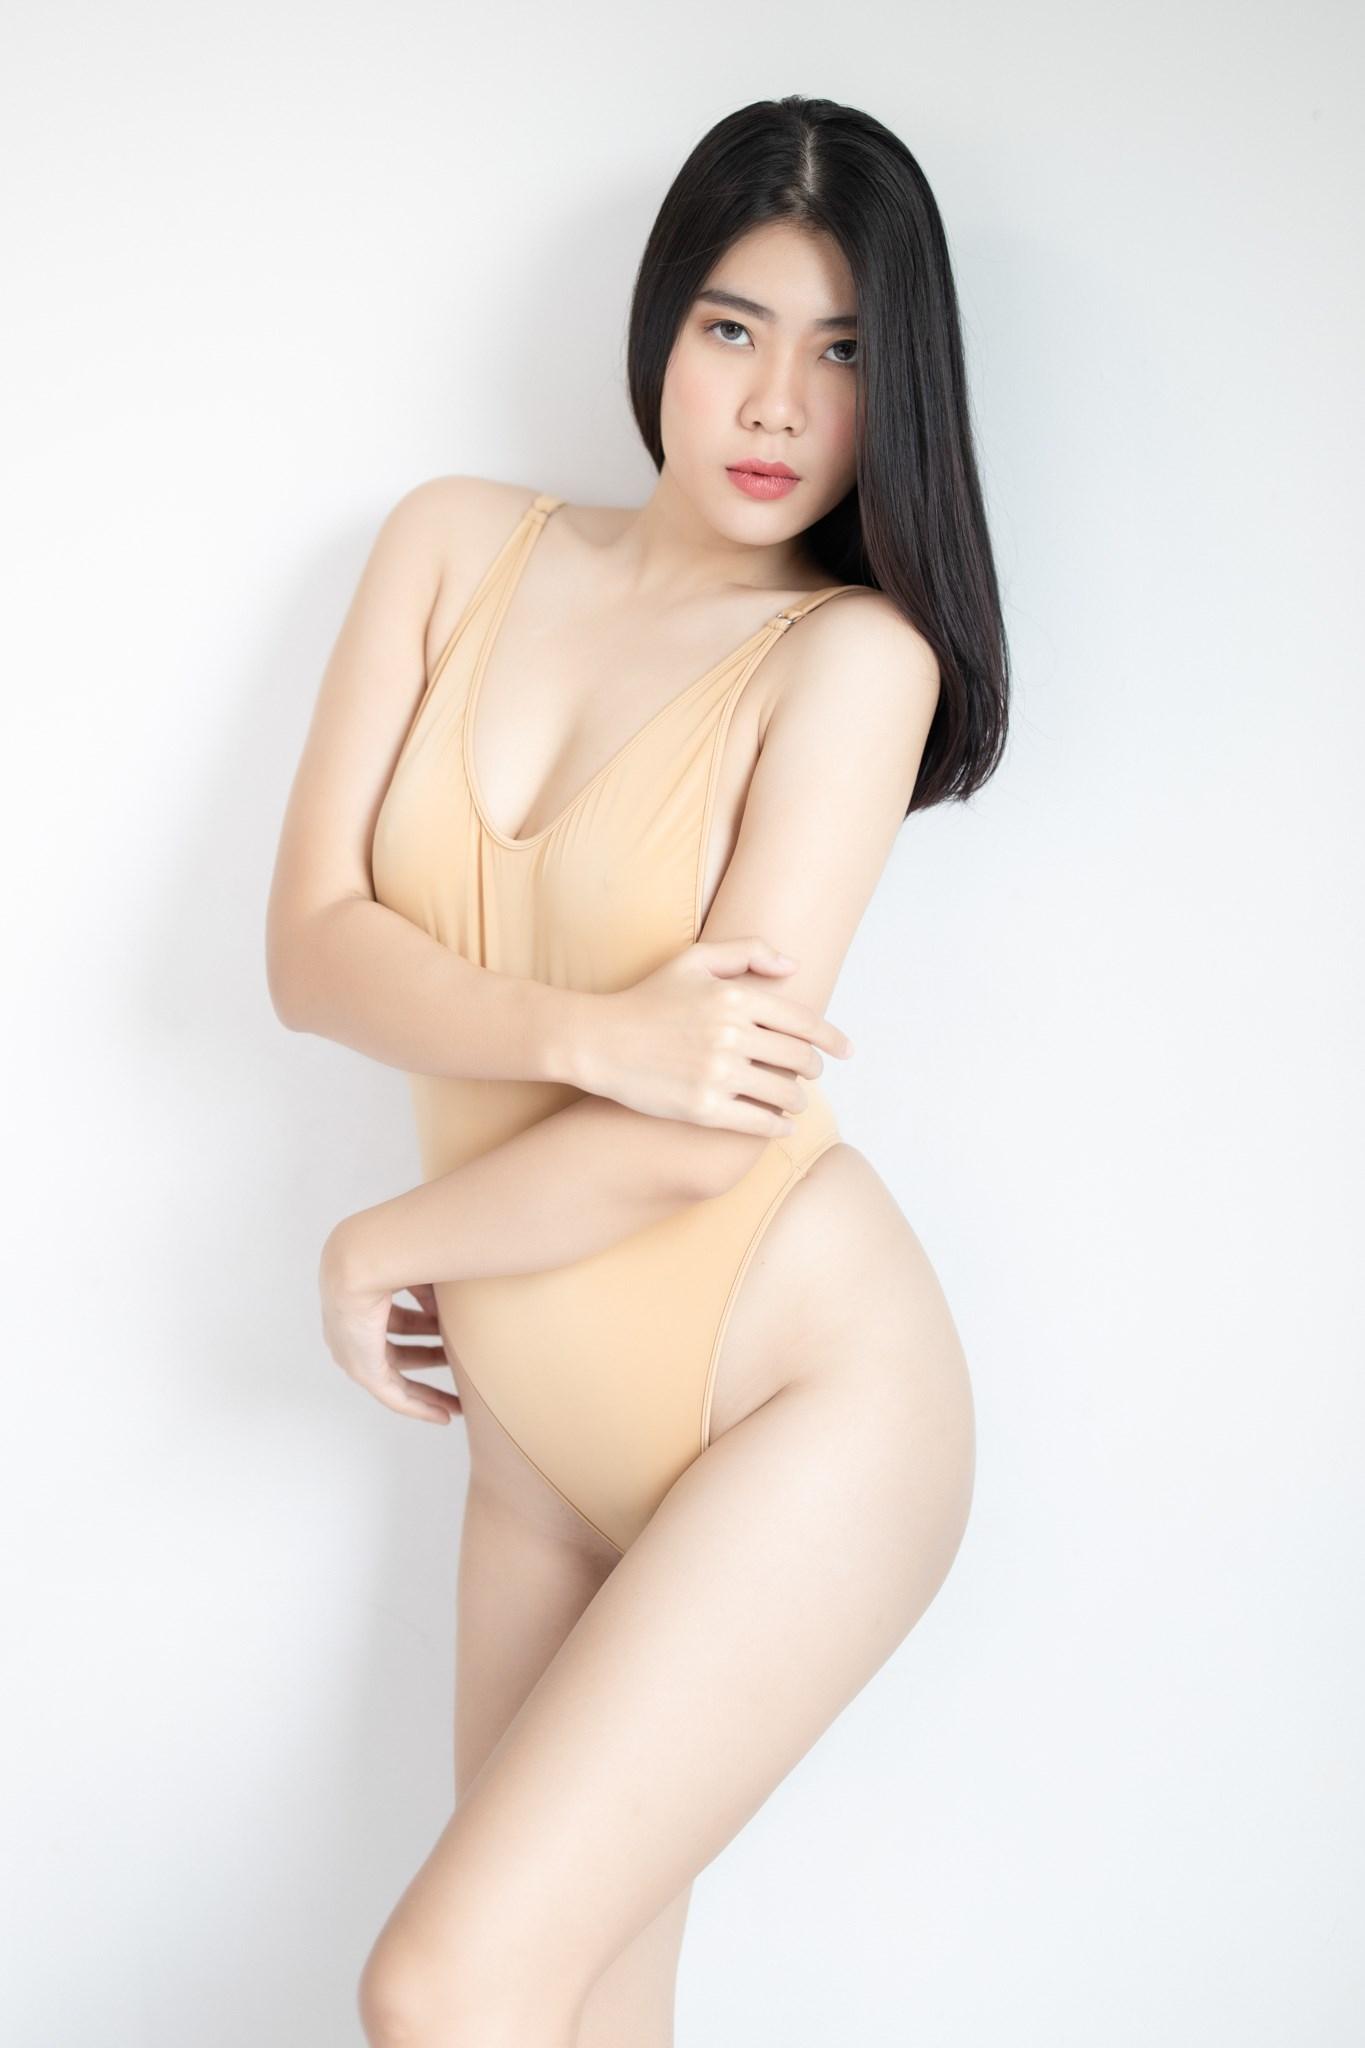 วาร์ปเสียว วาร์ปเด็ด ลูกตาล นางแบบเซ็กซี่ sexy